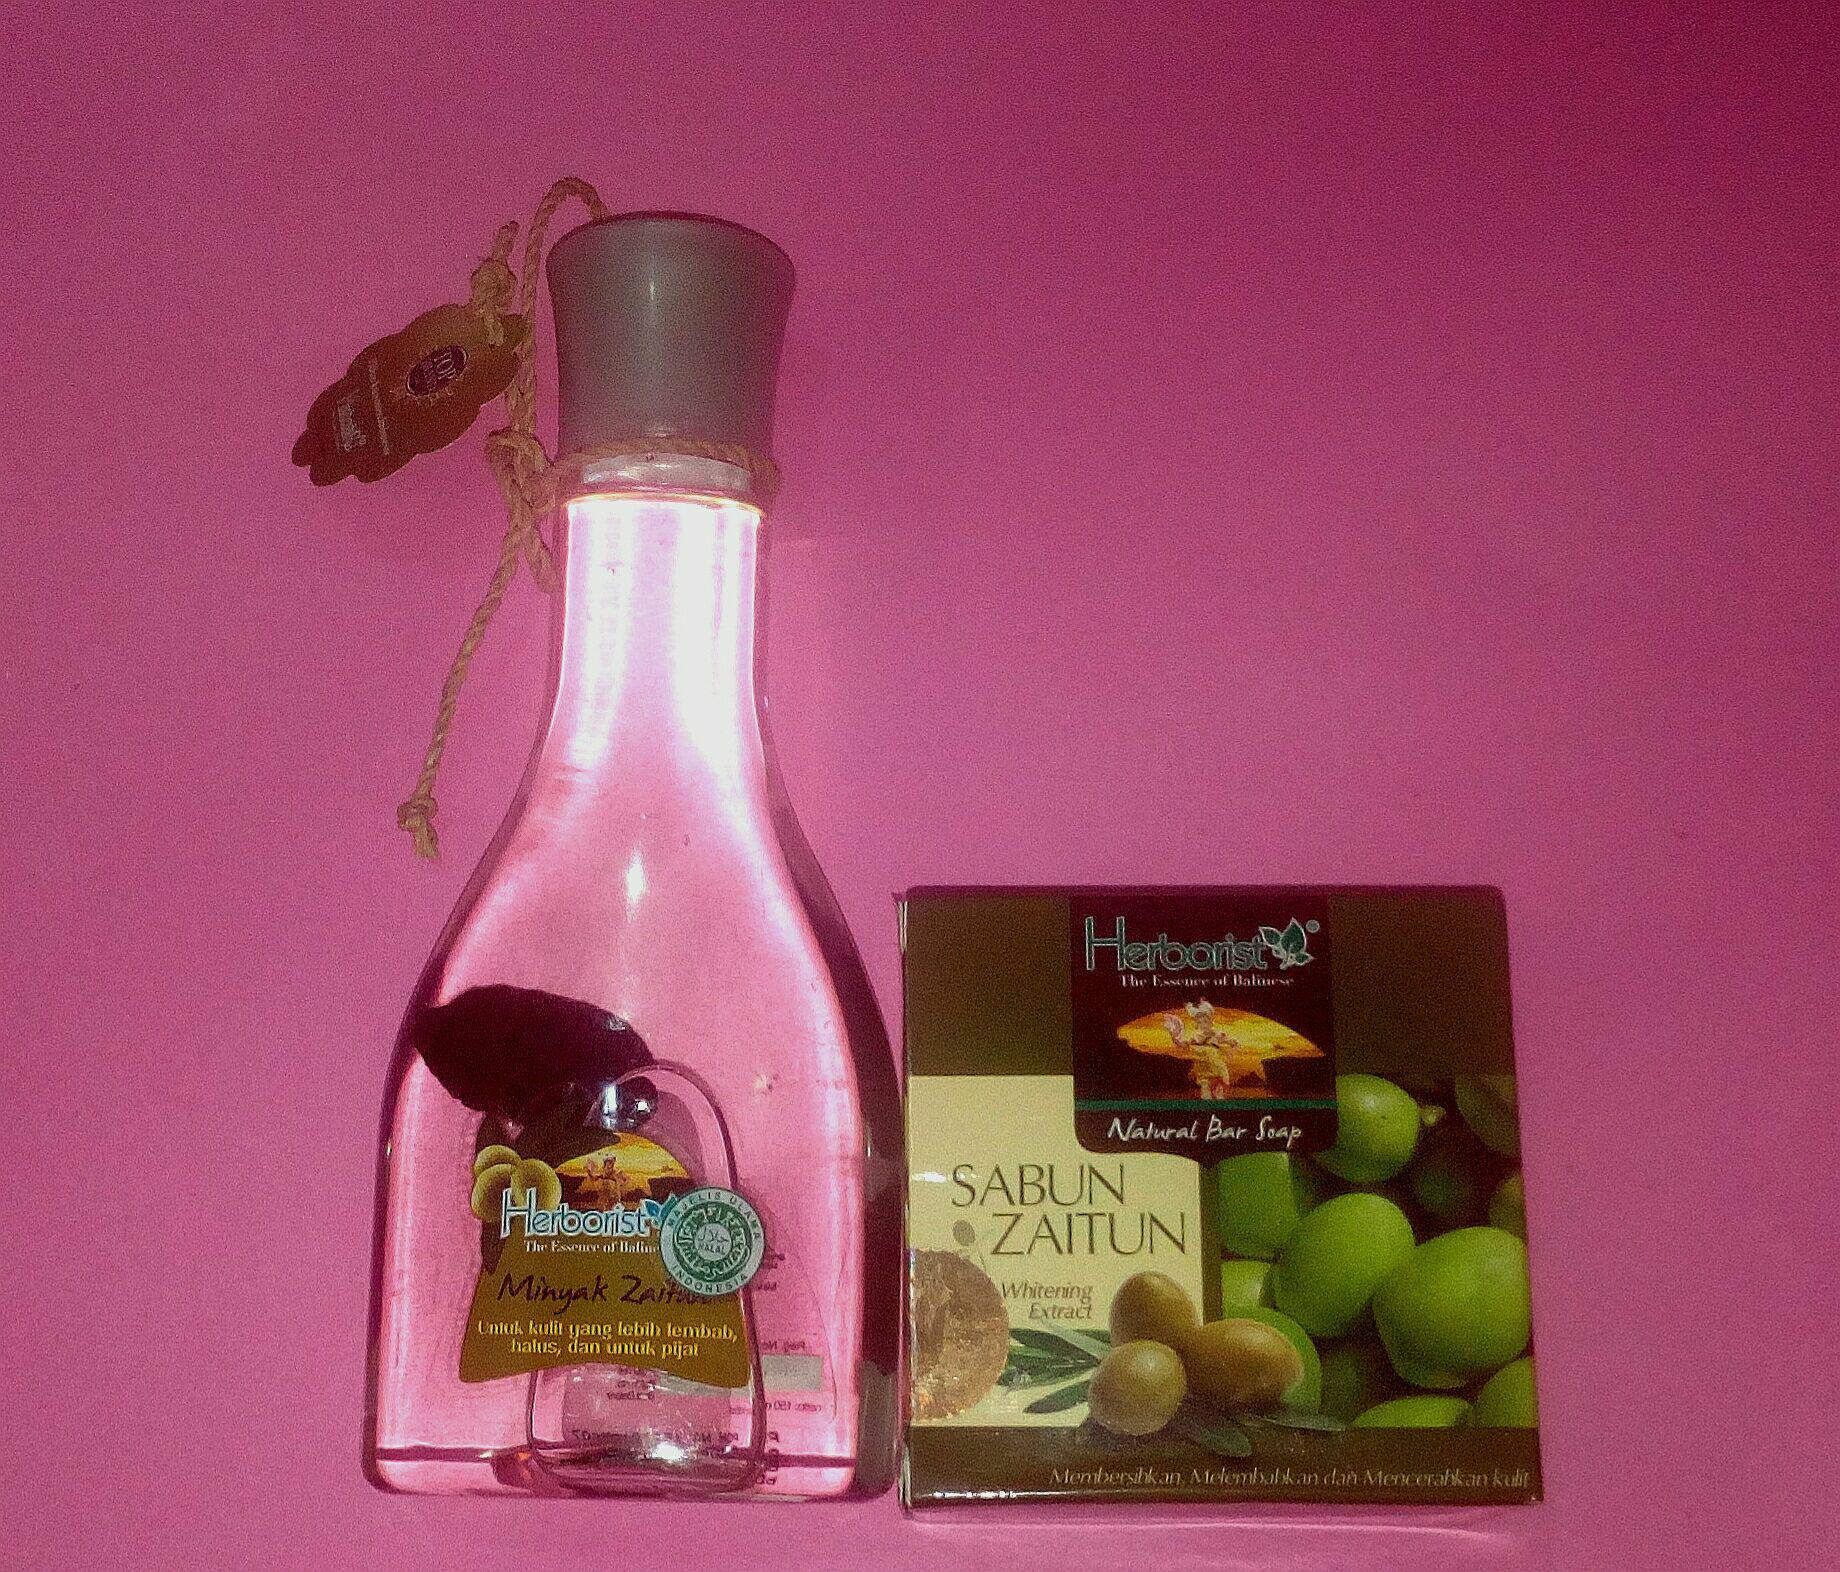 Herborist Minyak Pijat Zaitun 75ml 2pcs Daftar Harga Terbaru Dan